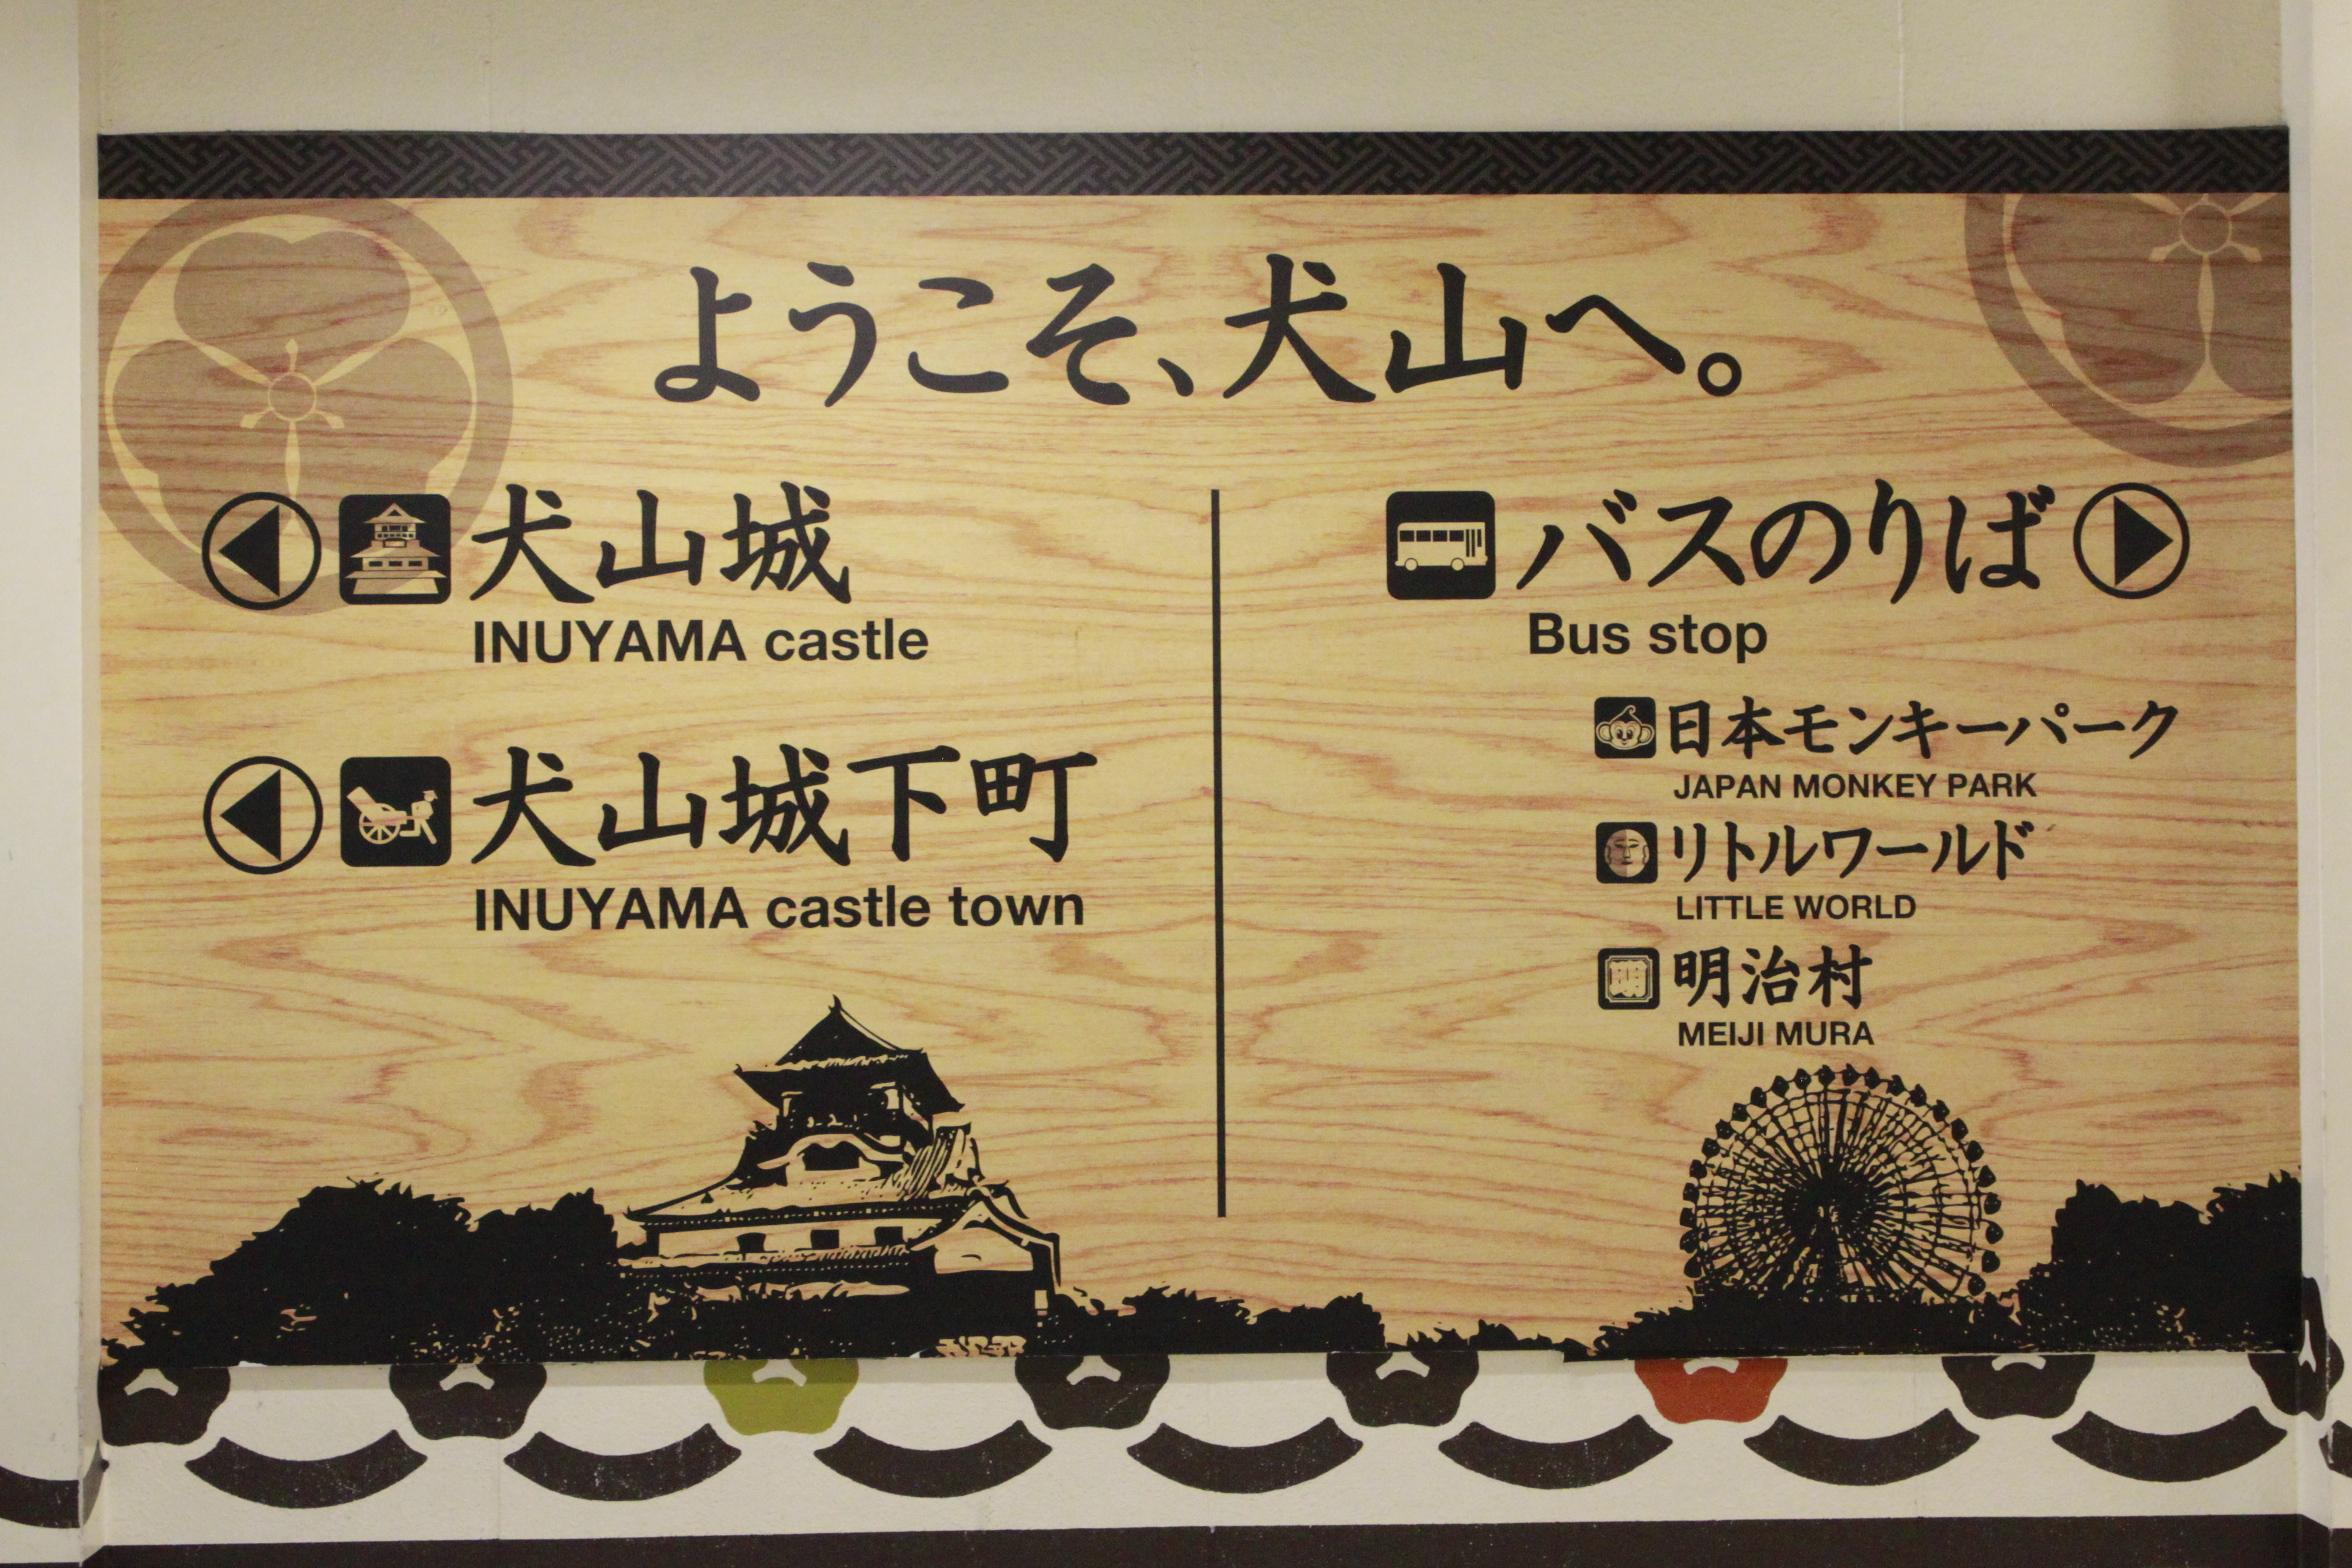 犬山駅を出ると迎えてくれる看板